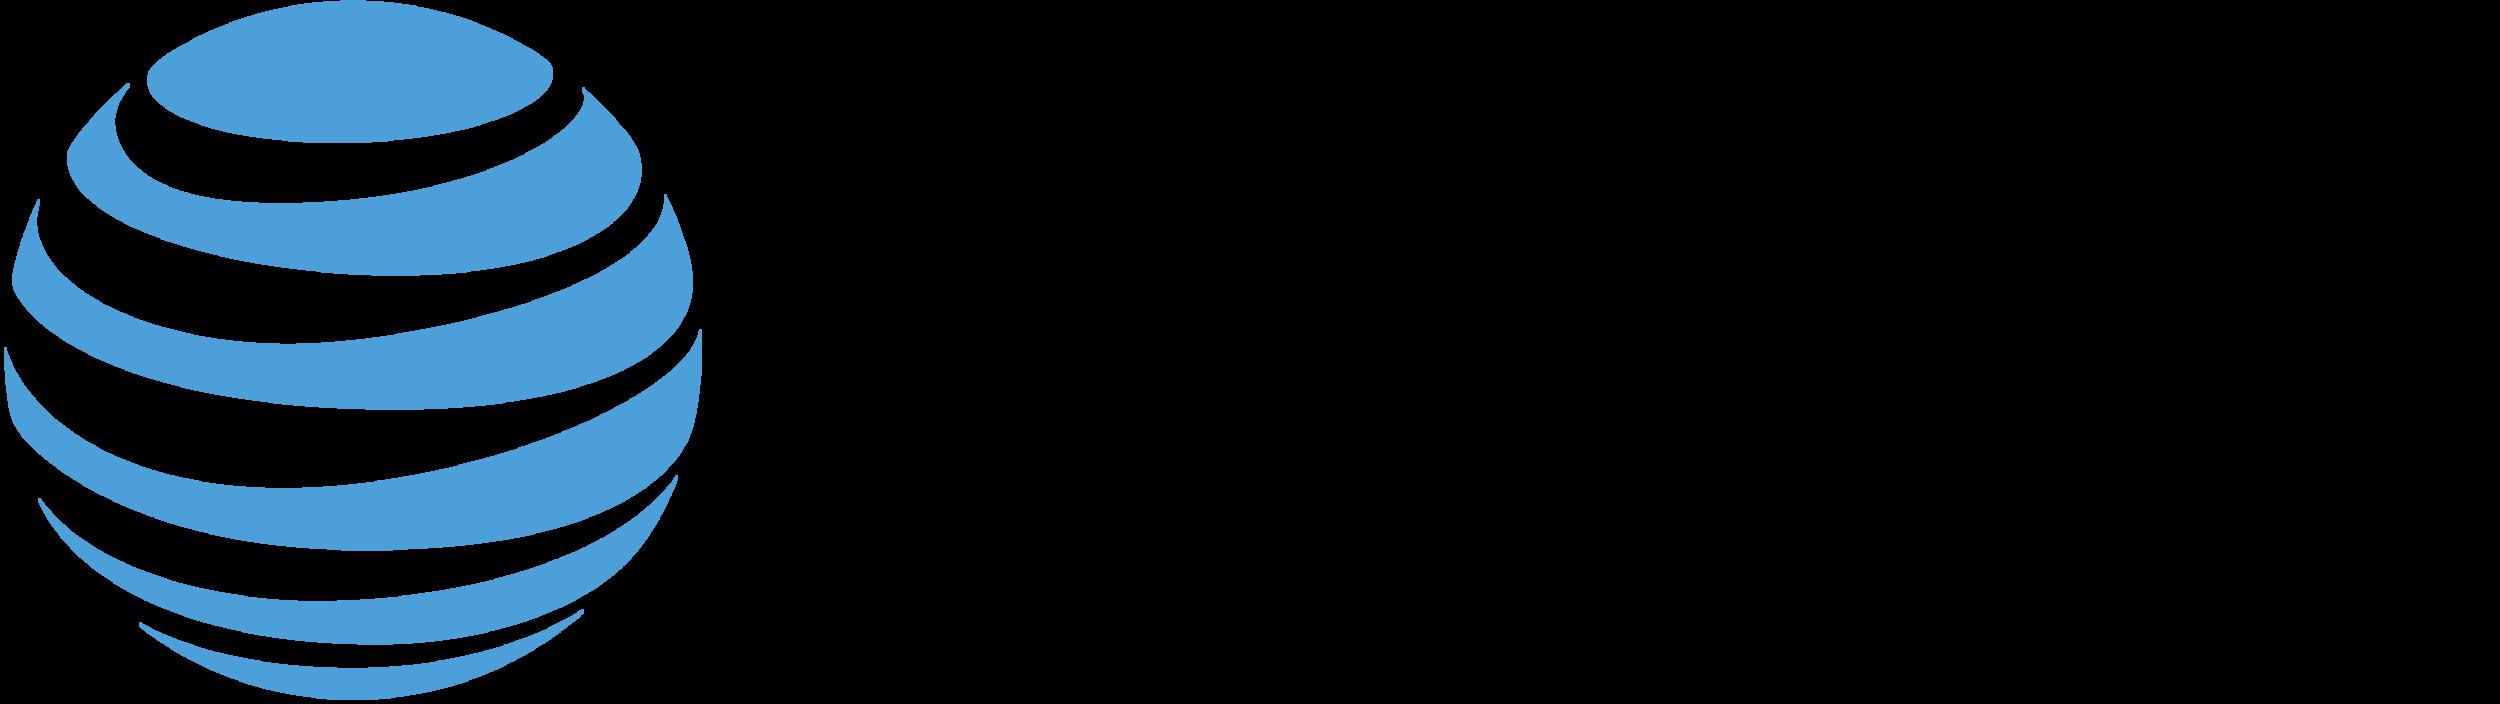 ATT_DTV_logo_Spot_299_K.png